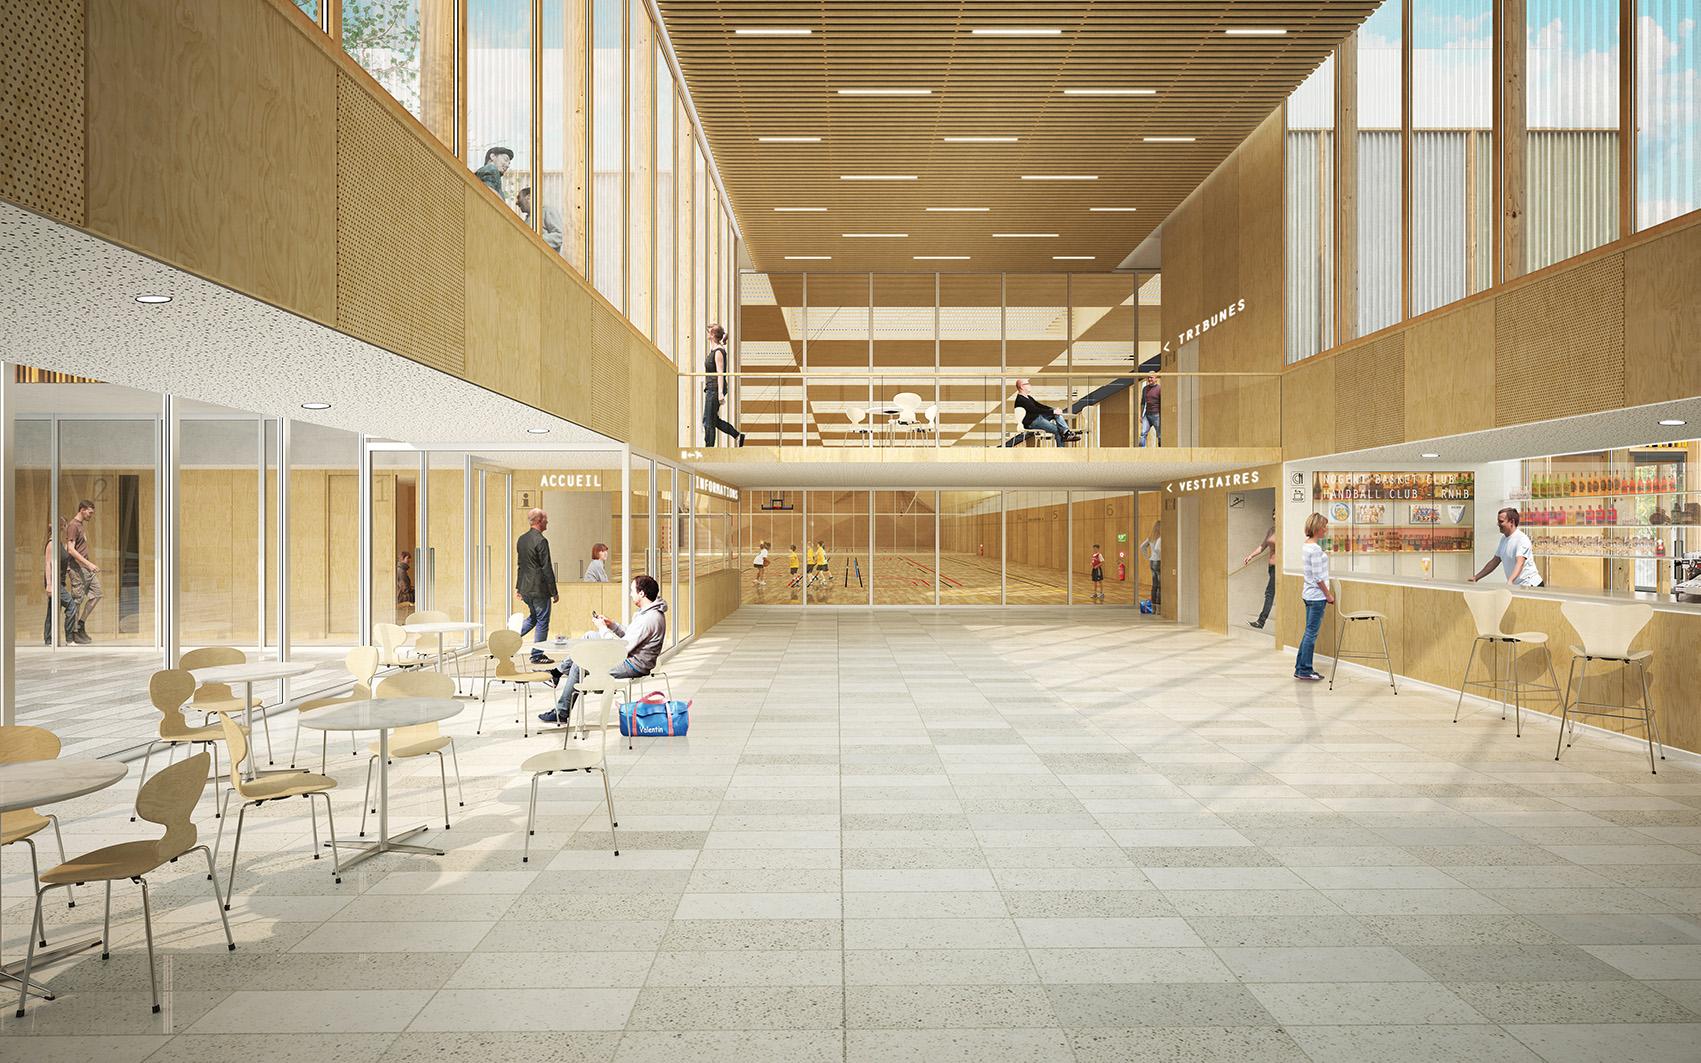 Stadium Gymnase Nogent sur Marne credit Agence Engasser et associes 1